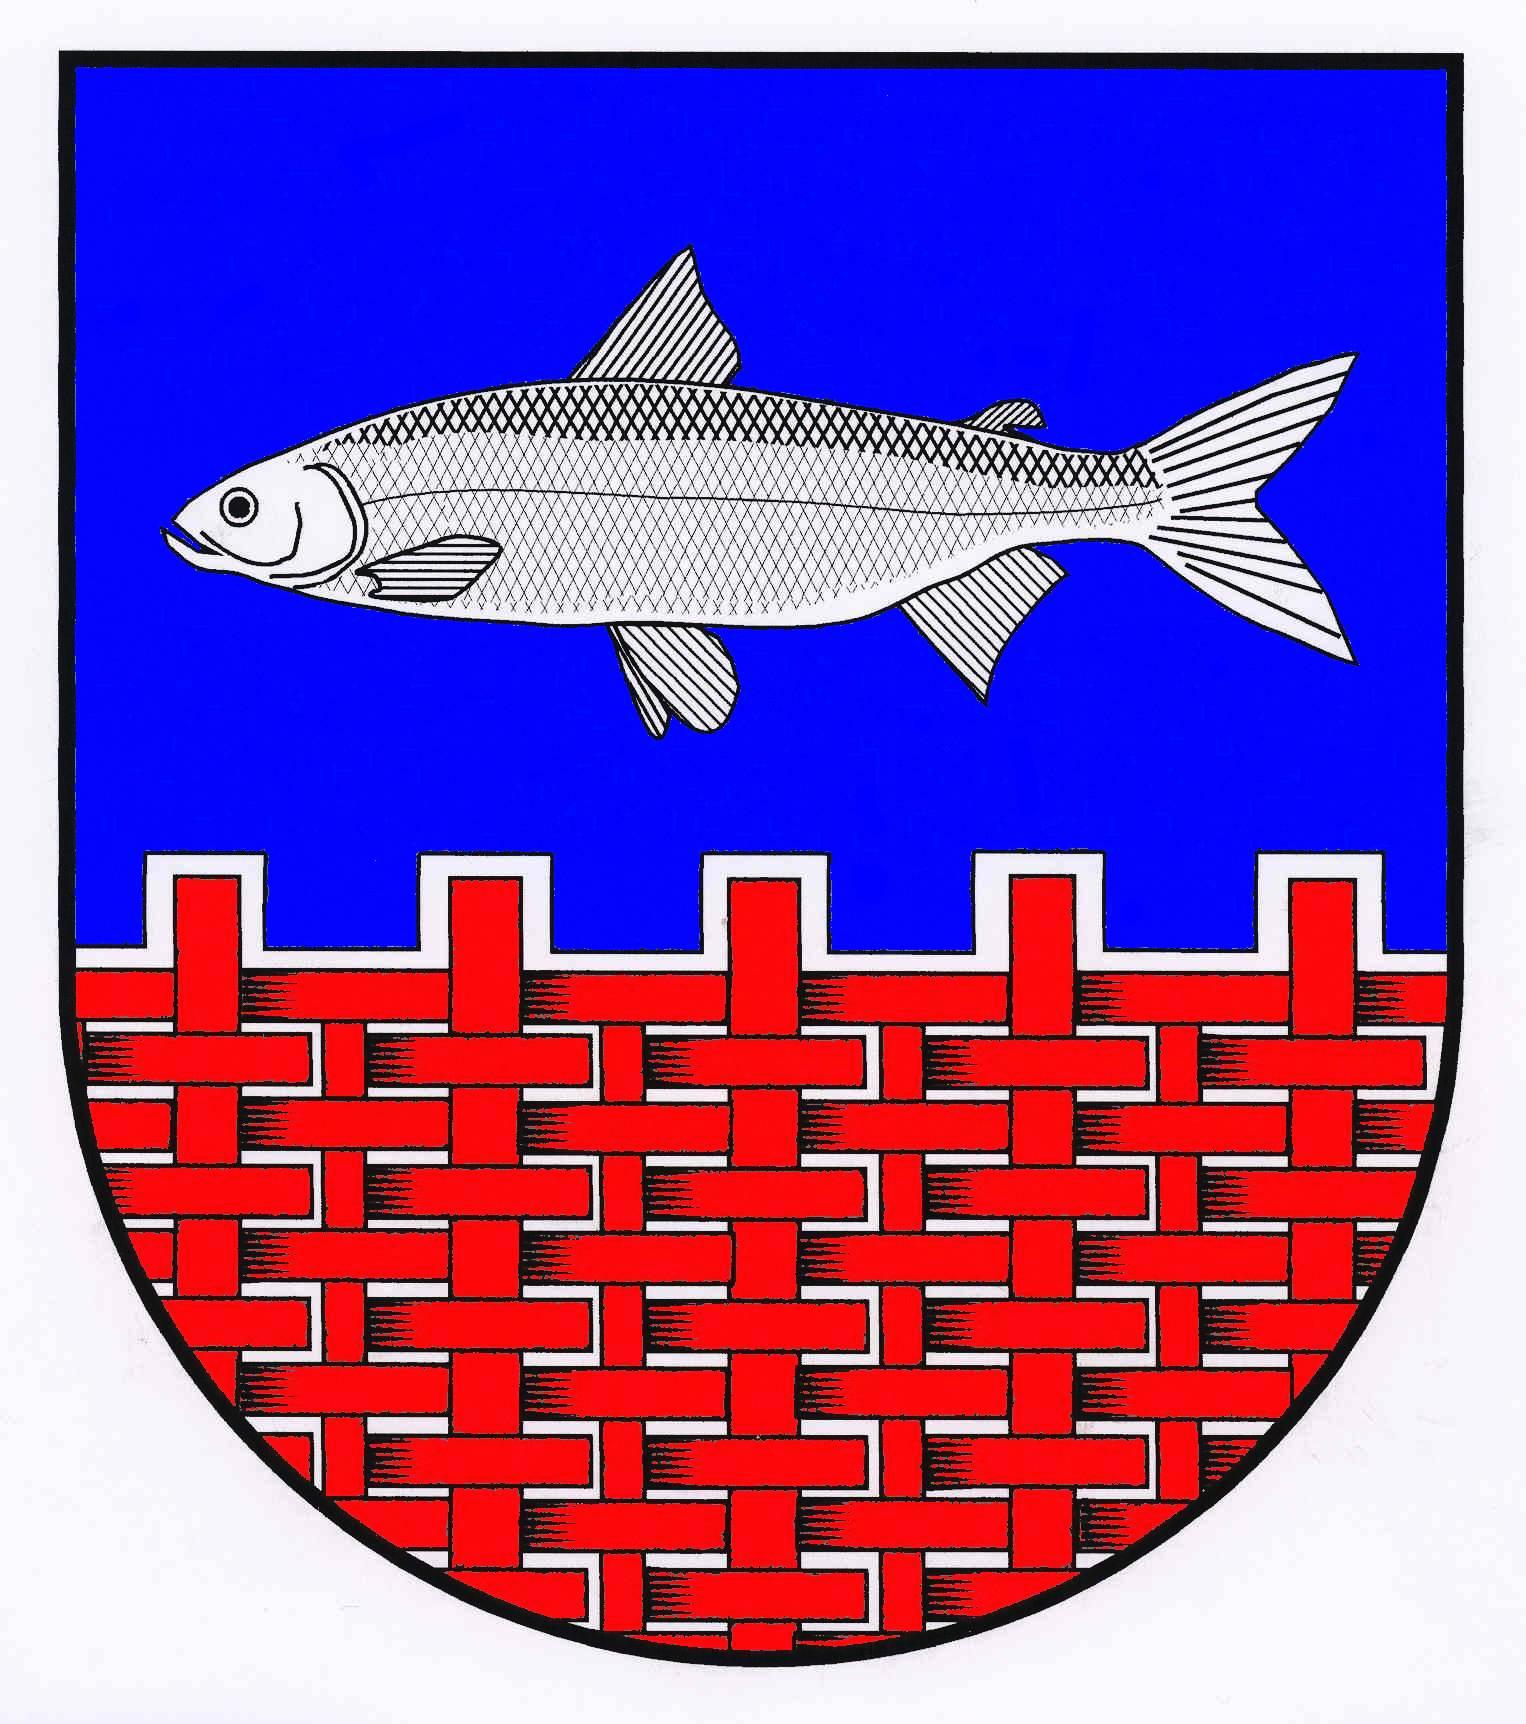 Wappen GemeindeLammershagen, Kreis Plön